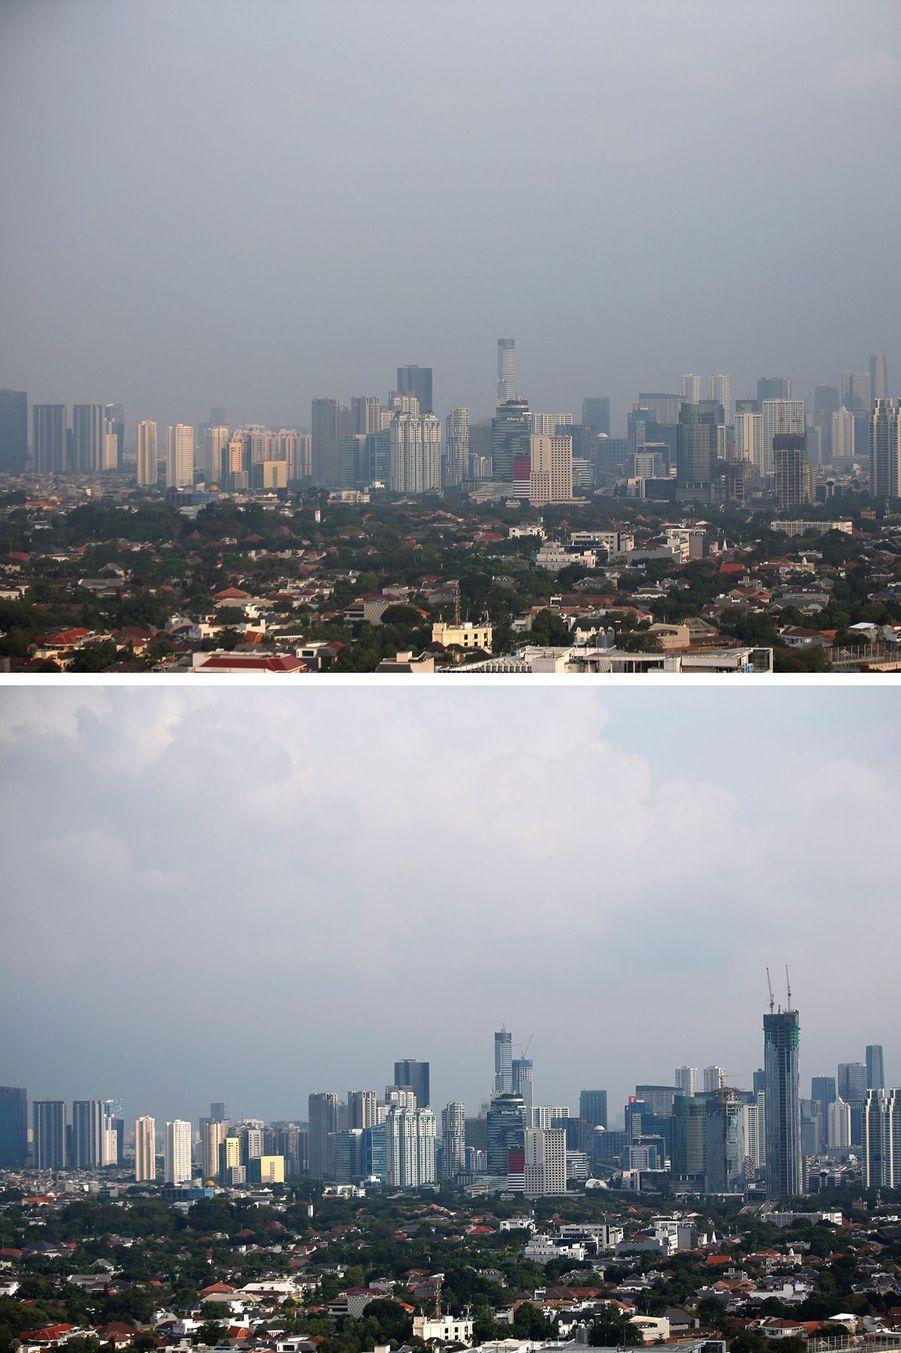 Des buildings à Jakarta, en Indonésie.